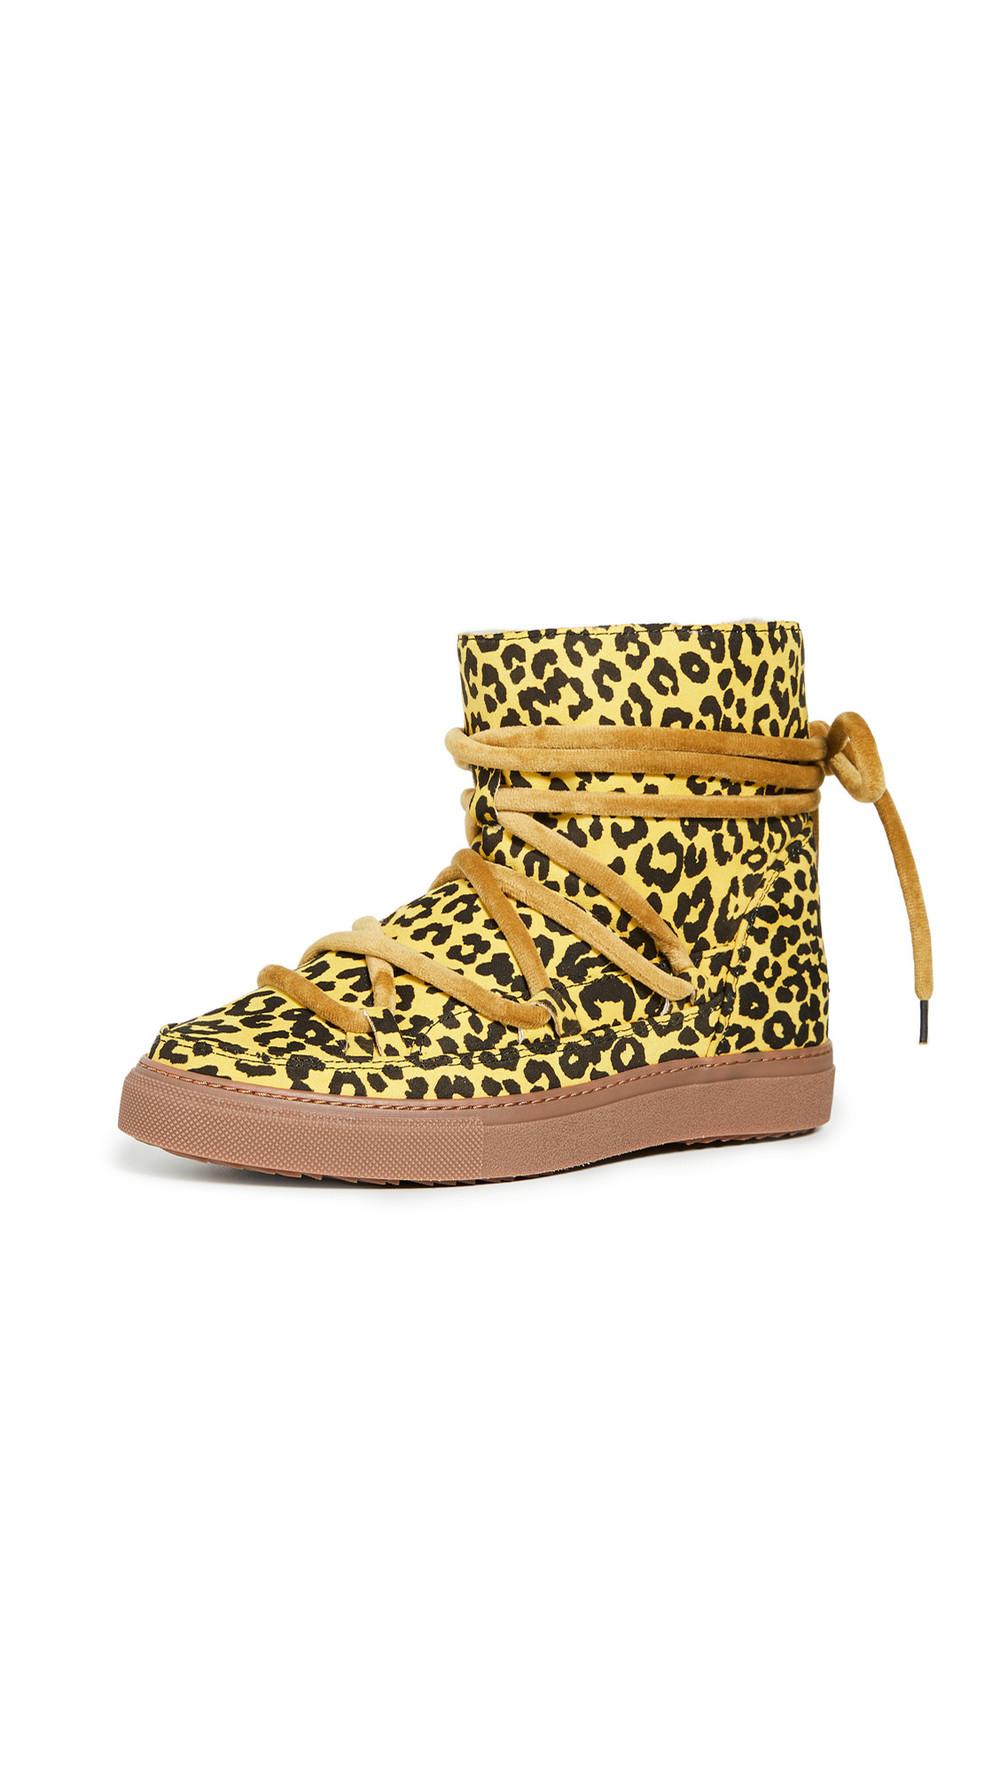 Inuikii Leo Shearling Sneakers in yellow